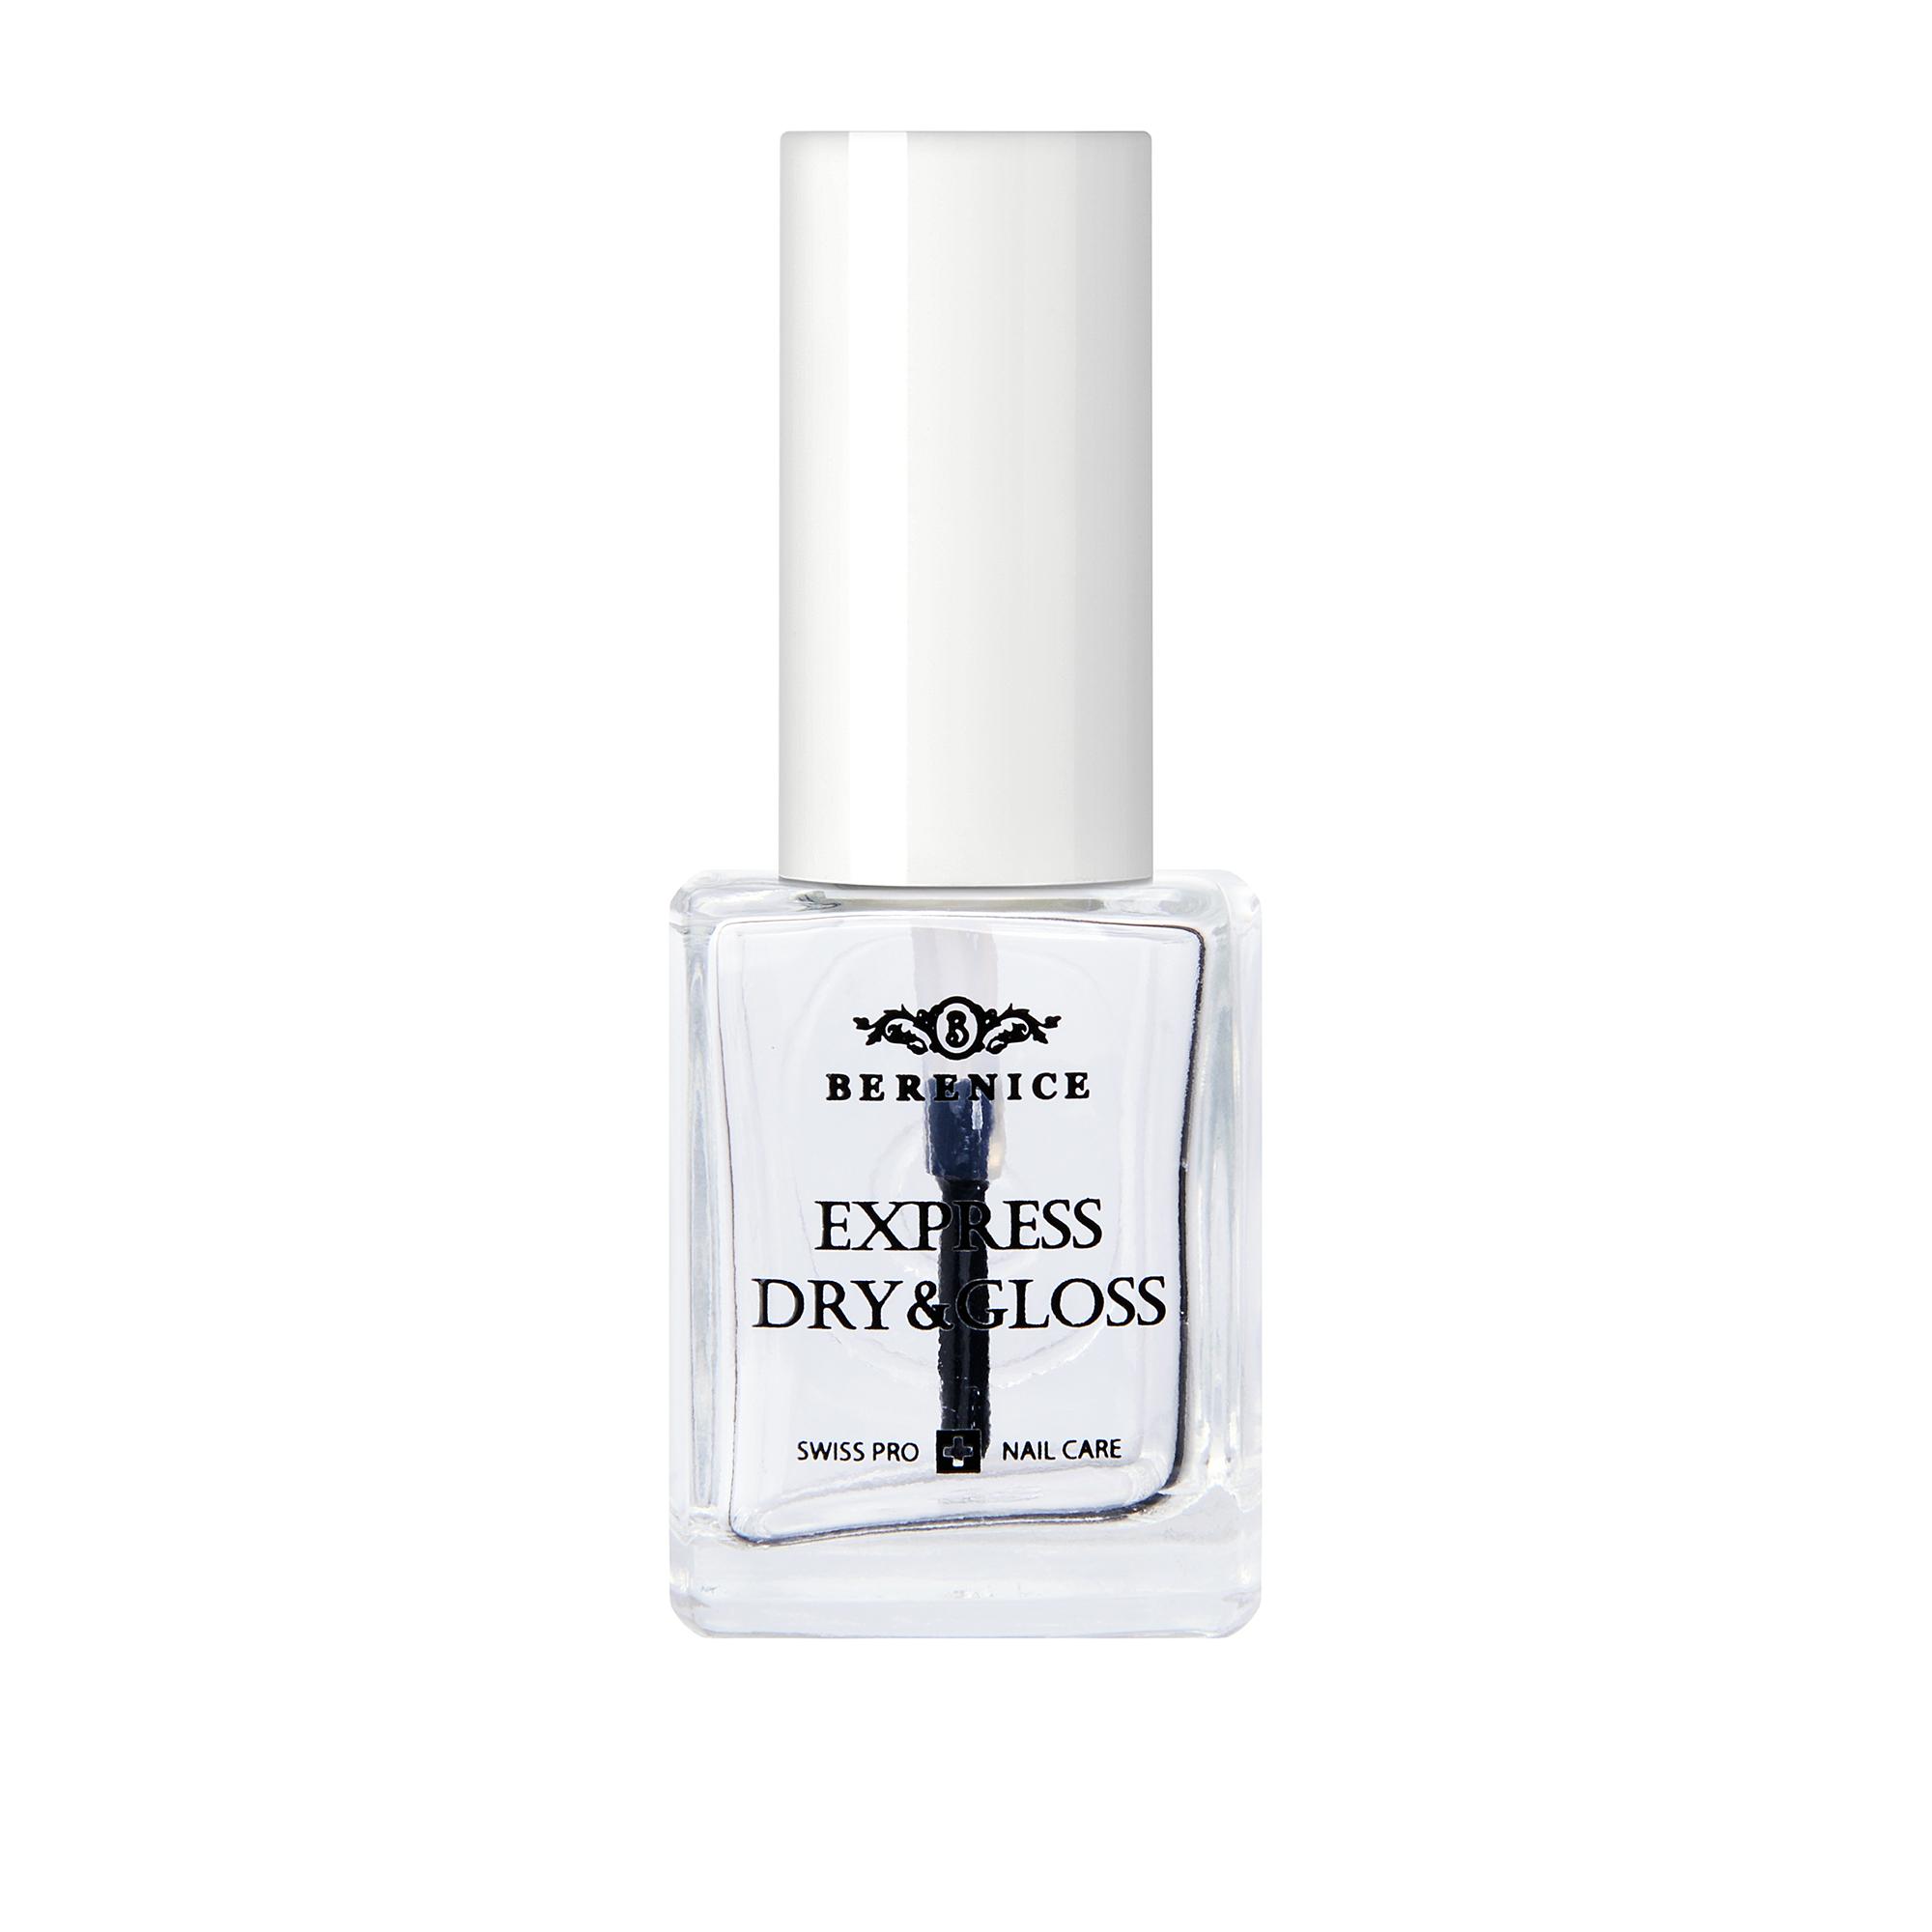 BERENICE Экспресс-покрытие  2 в 1 Сушка+блеск  Express dry&gloss / BERENICE 16 мл